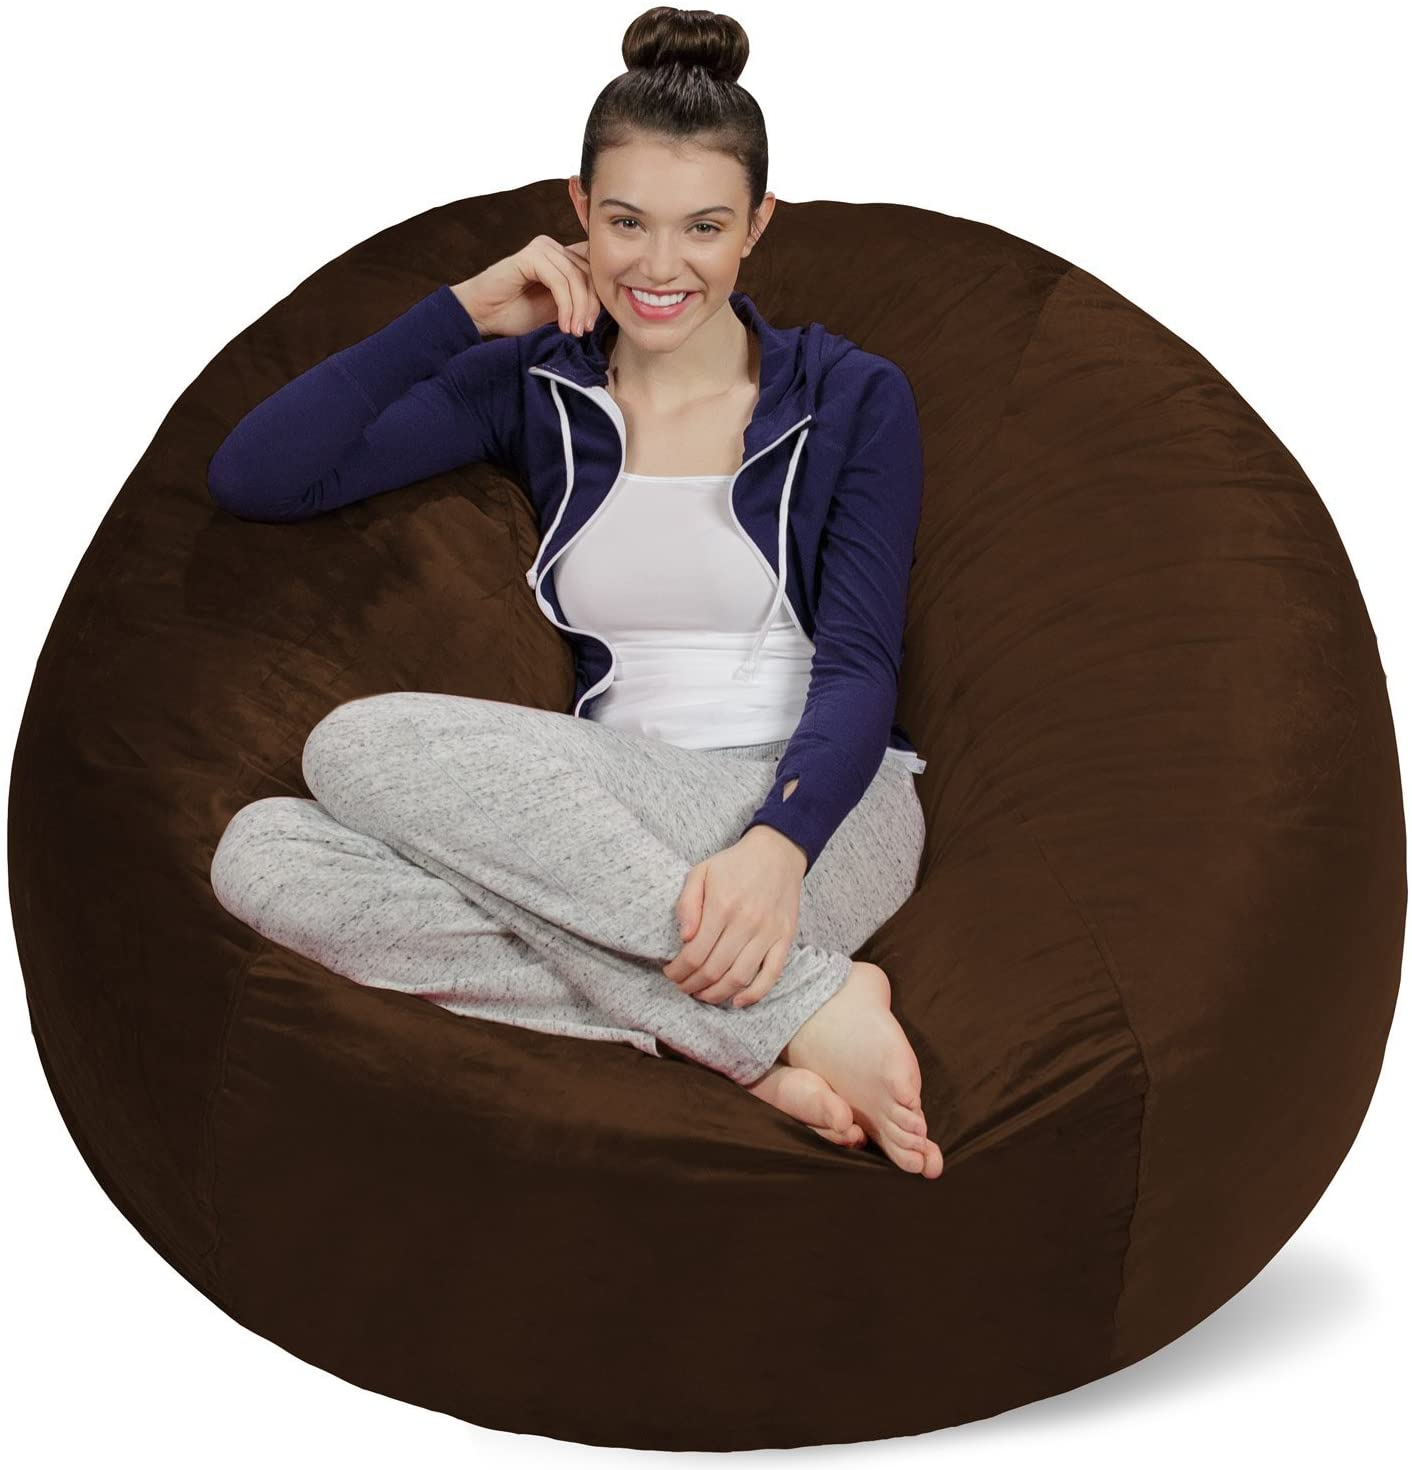 Sofa Sack - Plush Ultra Soft Bean Bag Chair